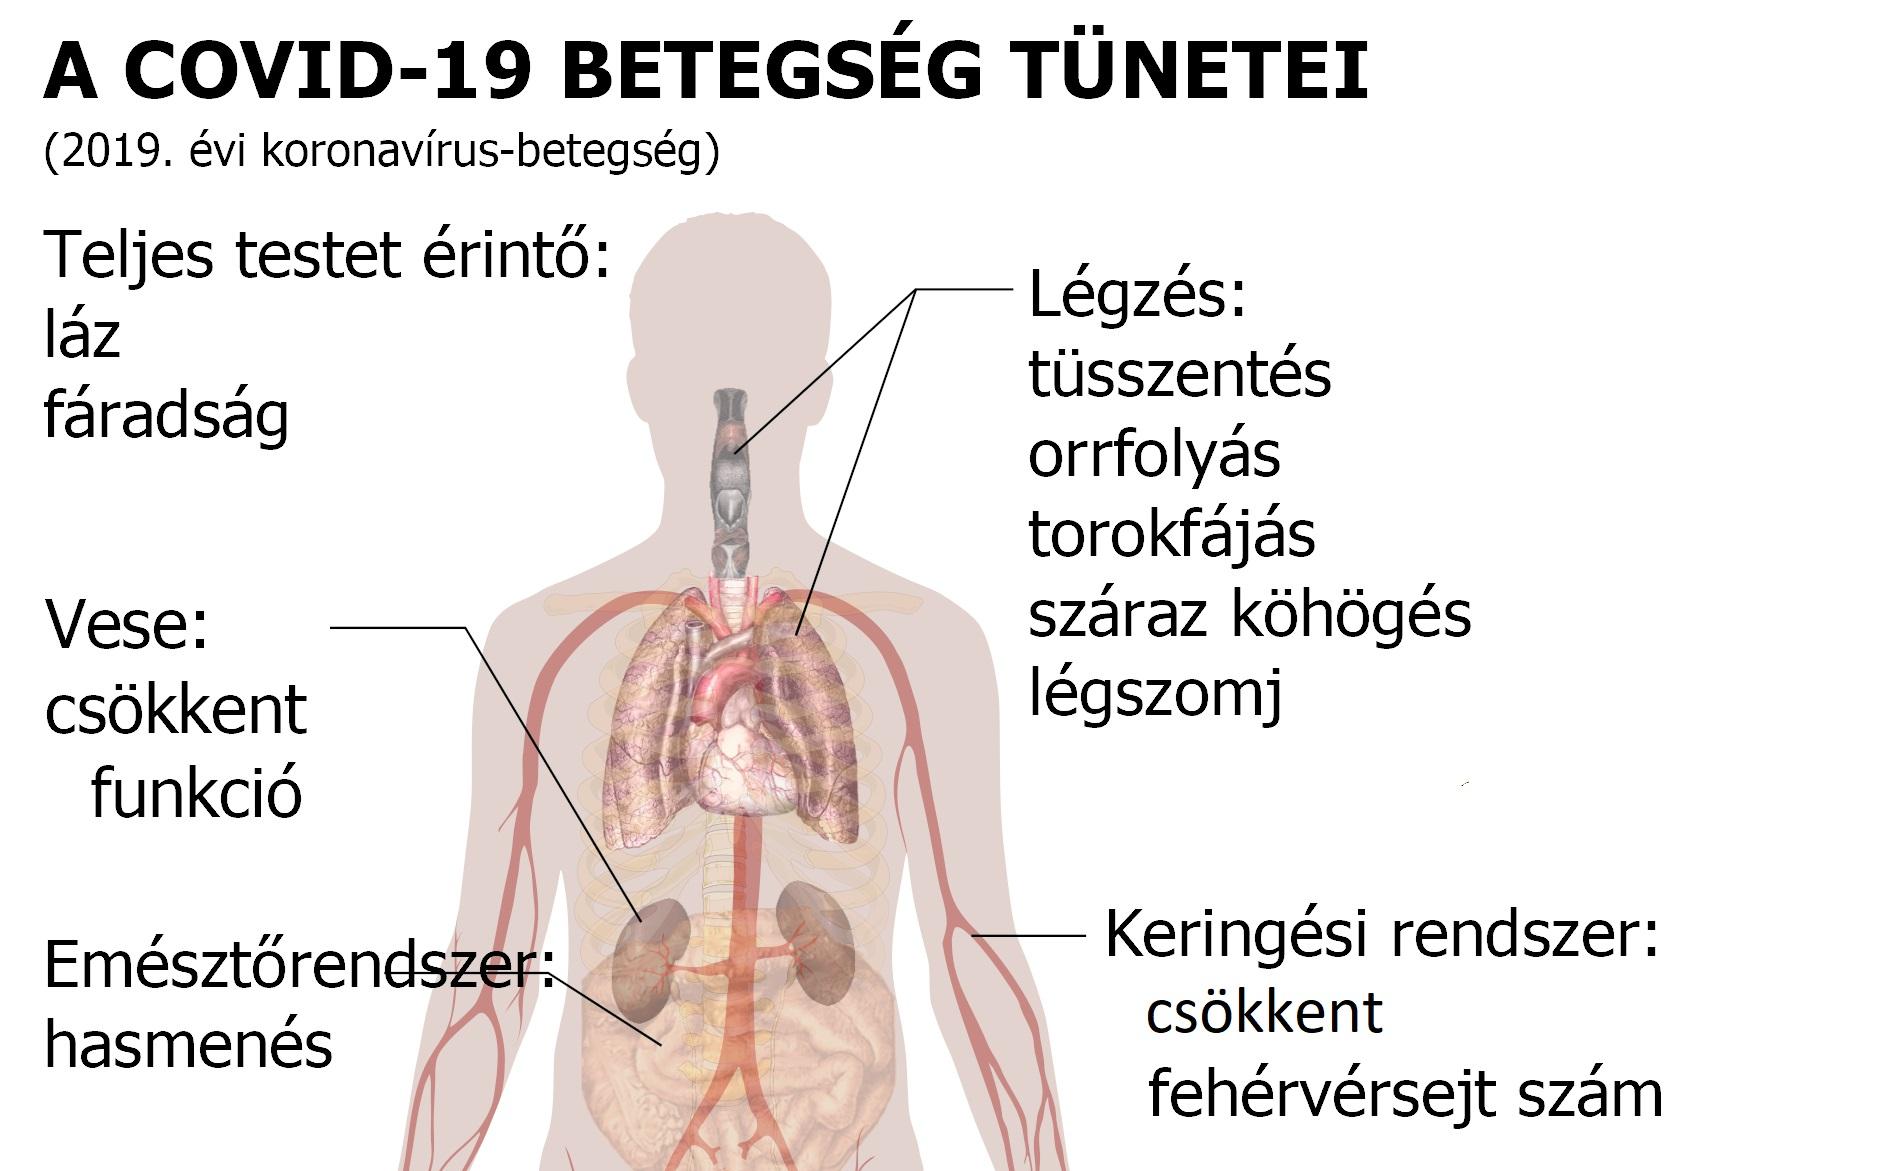 magas vérnyomás okozta légszomj)